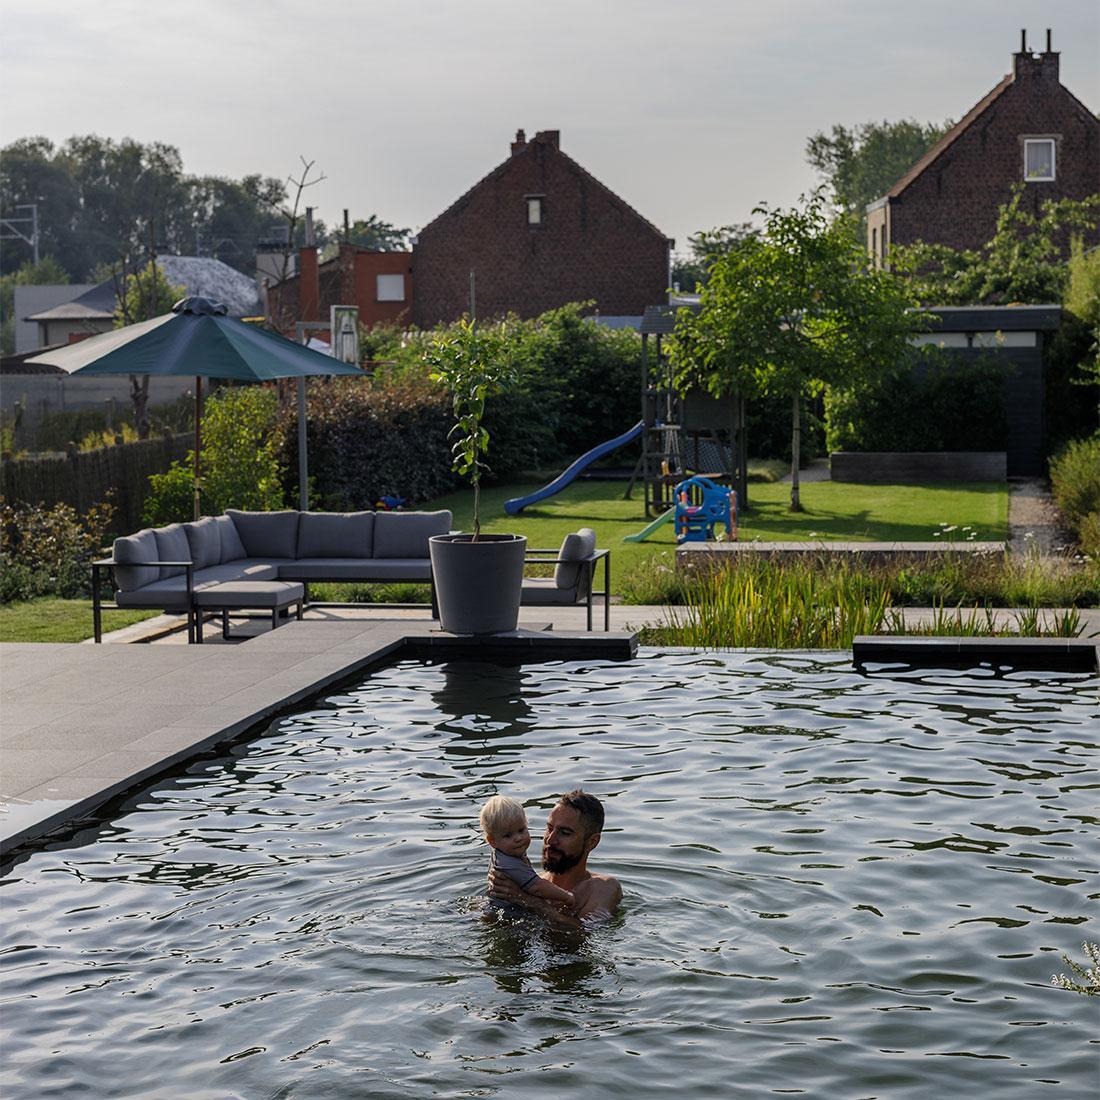 135-zwemvijver-biologische-filter-aanleg-tuinarchitect-41.jpg